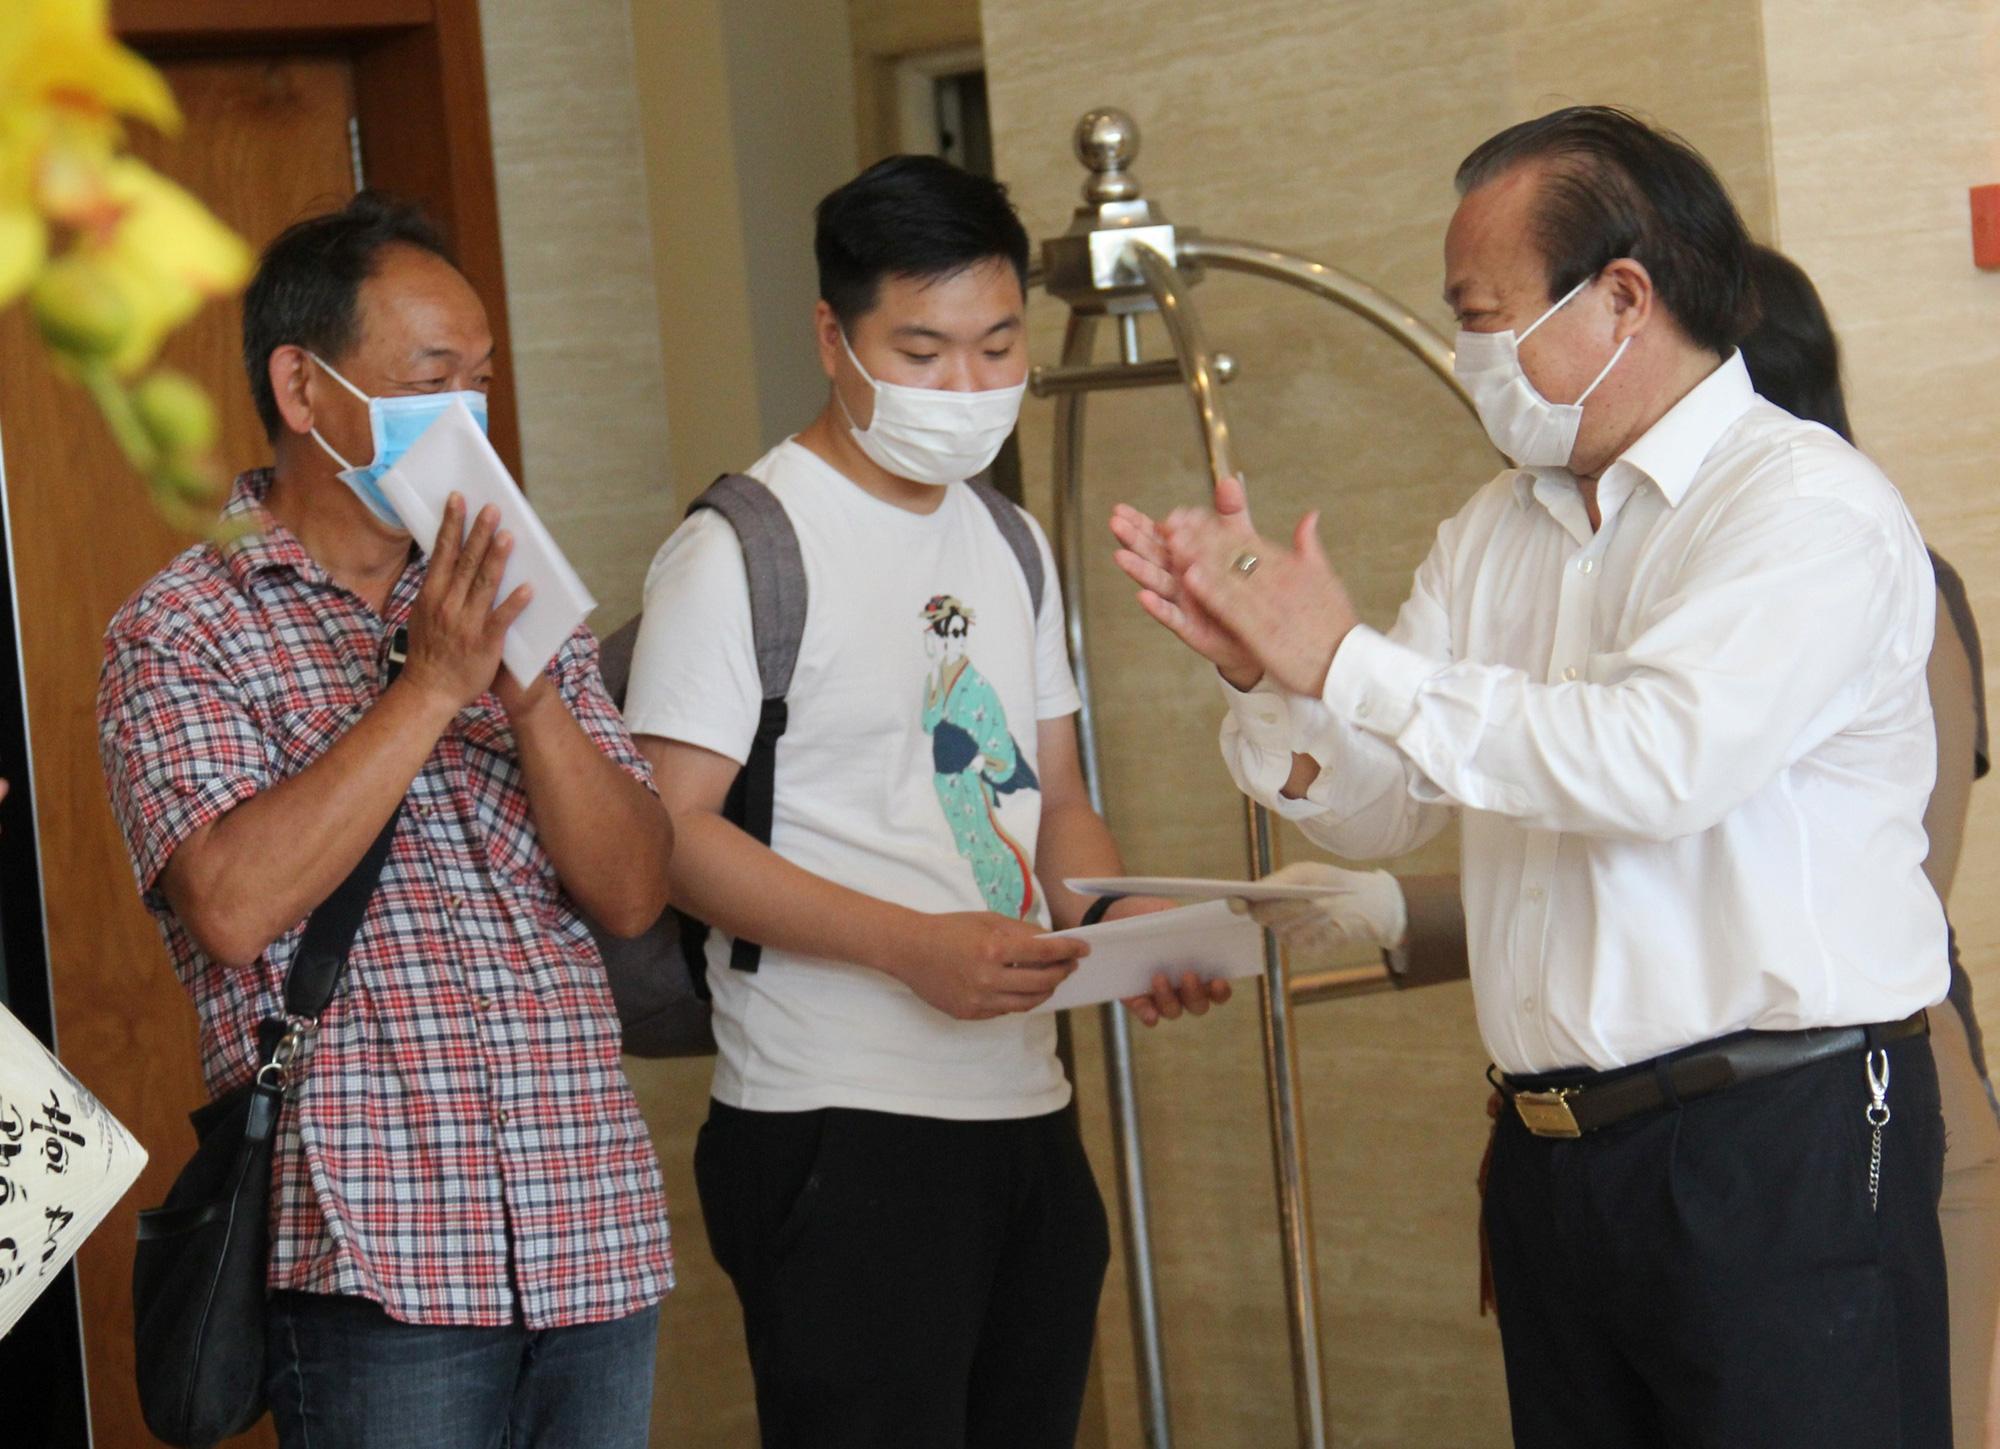 Du khách nước ngoài vui mừng rời khu cách ly ở Đà Nẵng: Cảm ơn các bạn và chúng tôi sẽ quay lại vào một ngày thuận lợi hơn - Ảnh 3.